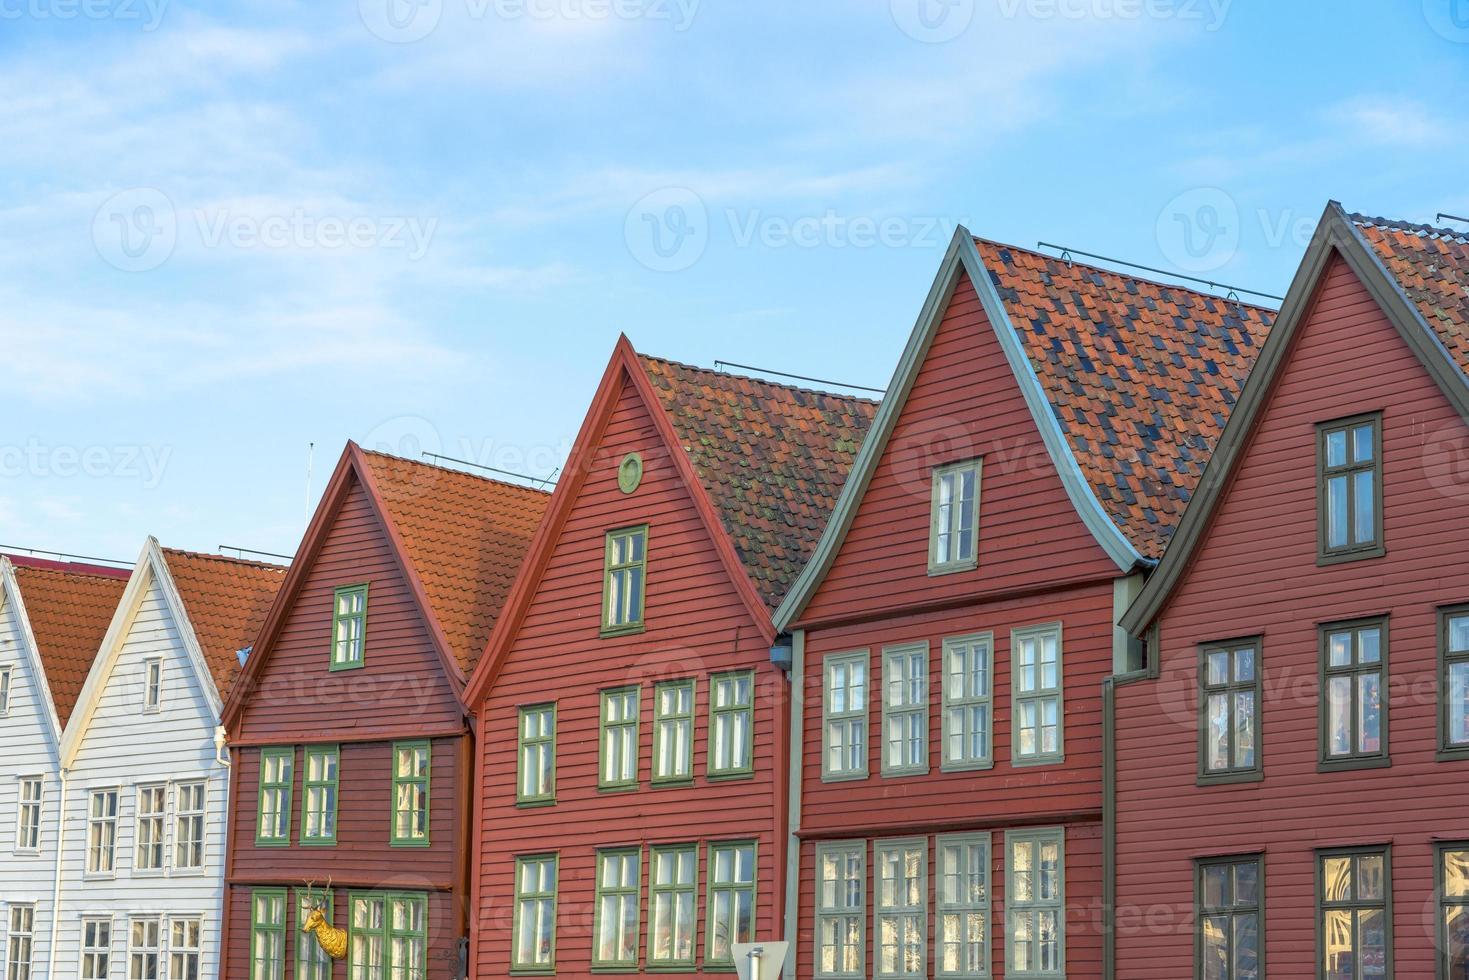 bâtiments historiques de bryggen dans la ville de bergen, norvège photo